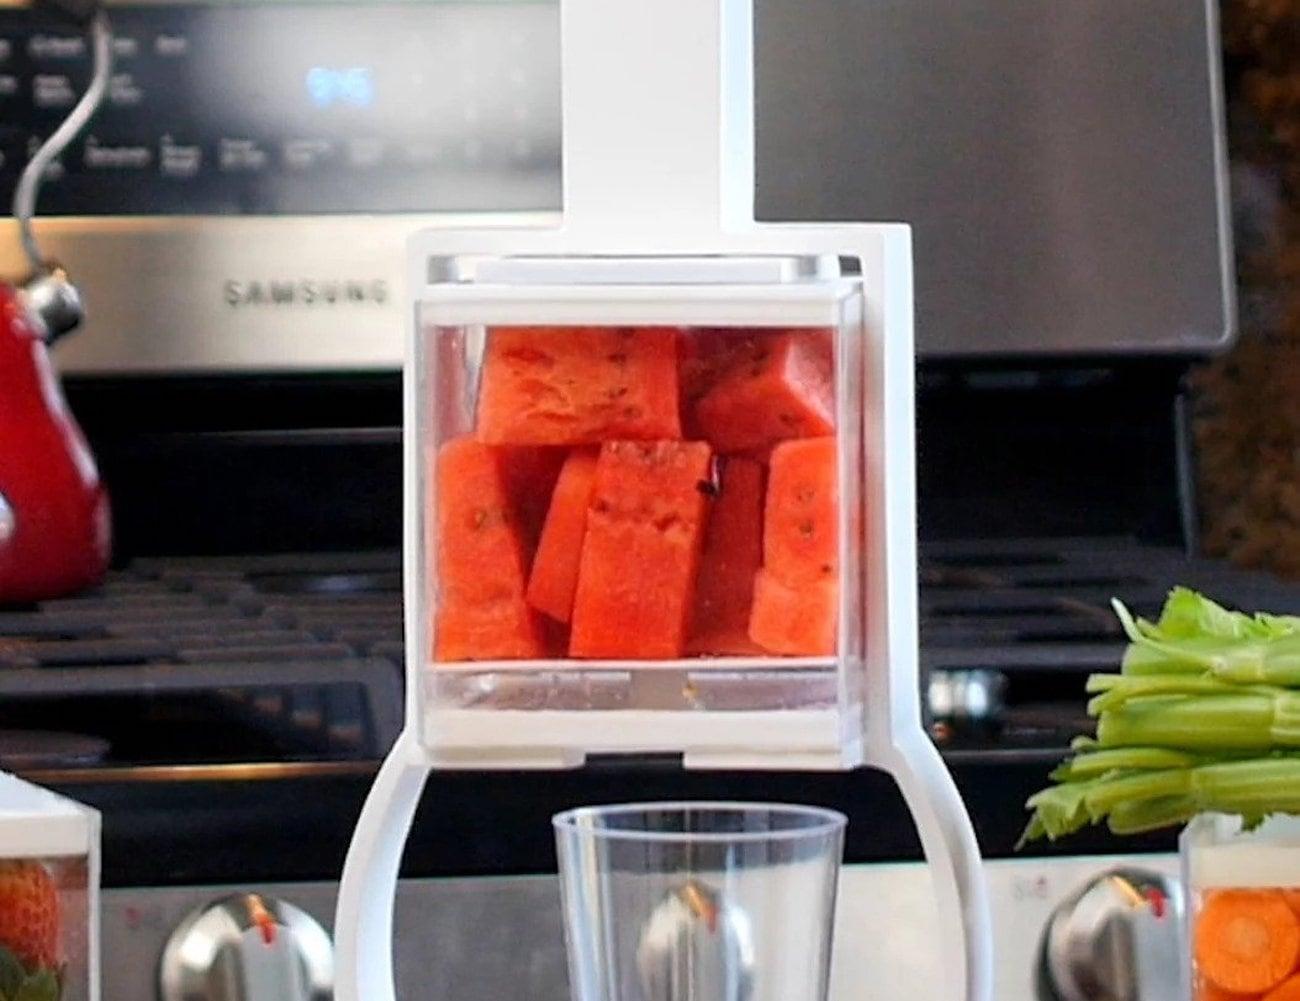 Coolest Juicer Affordable Manual Juicer doesn't let food go to waste